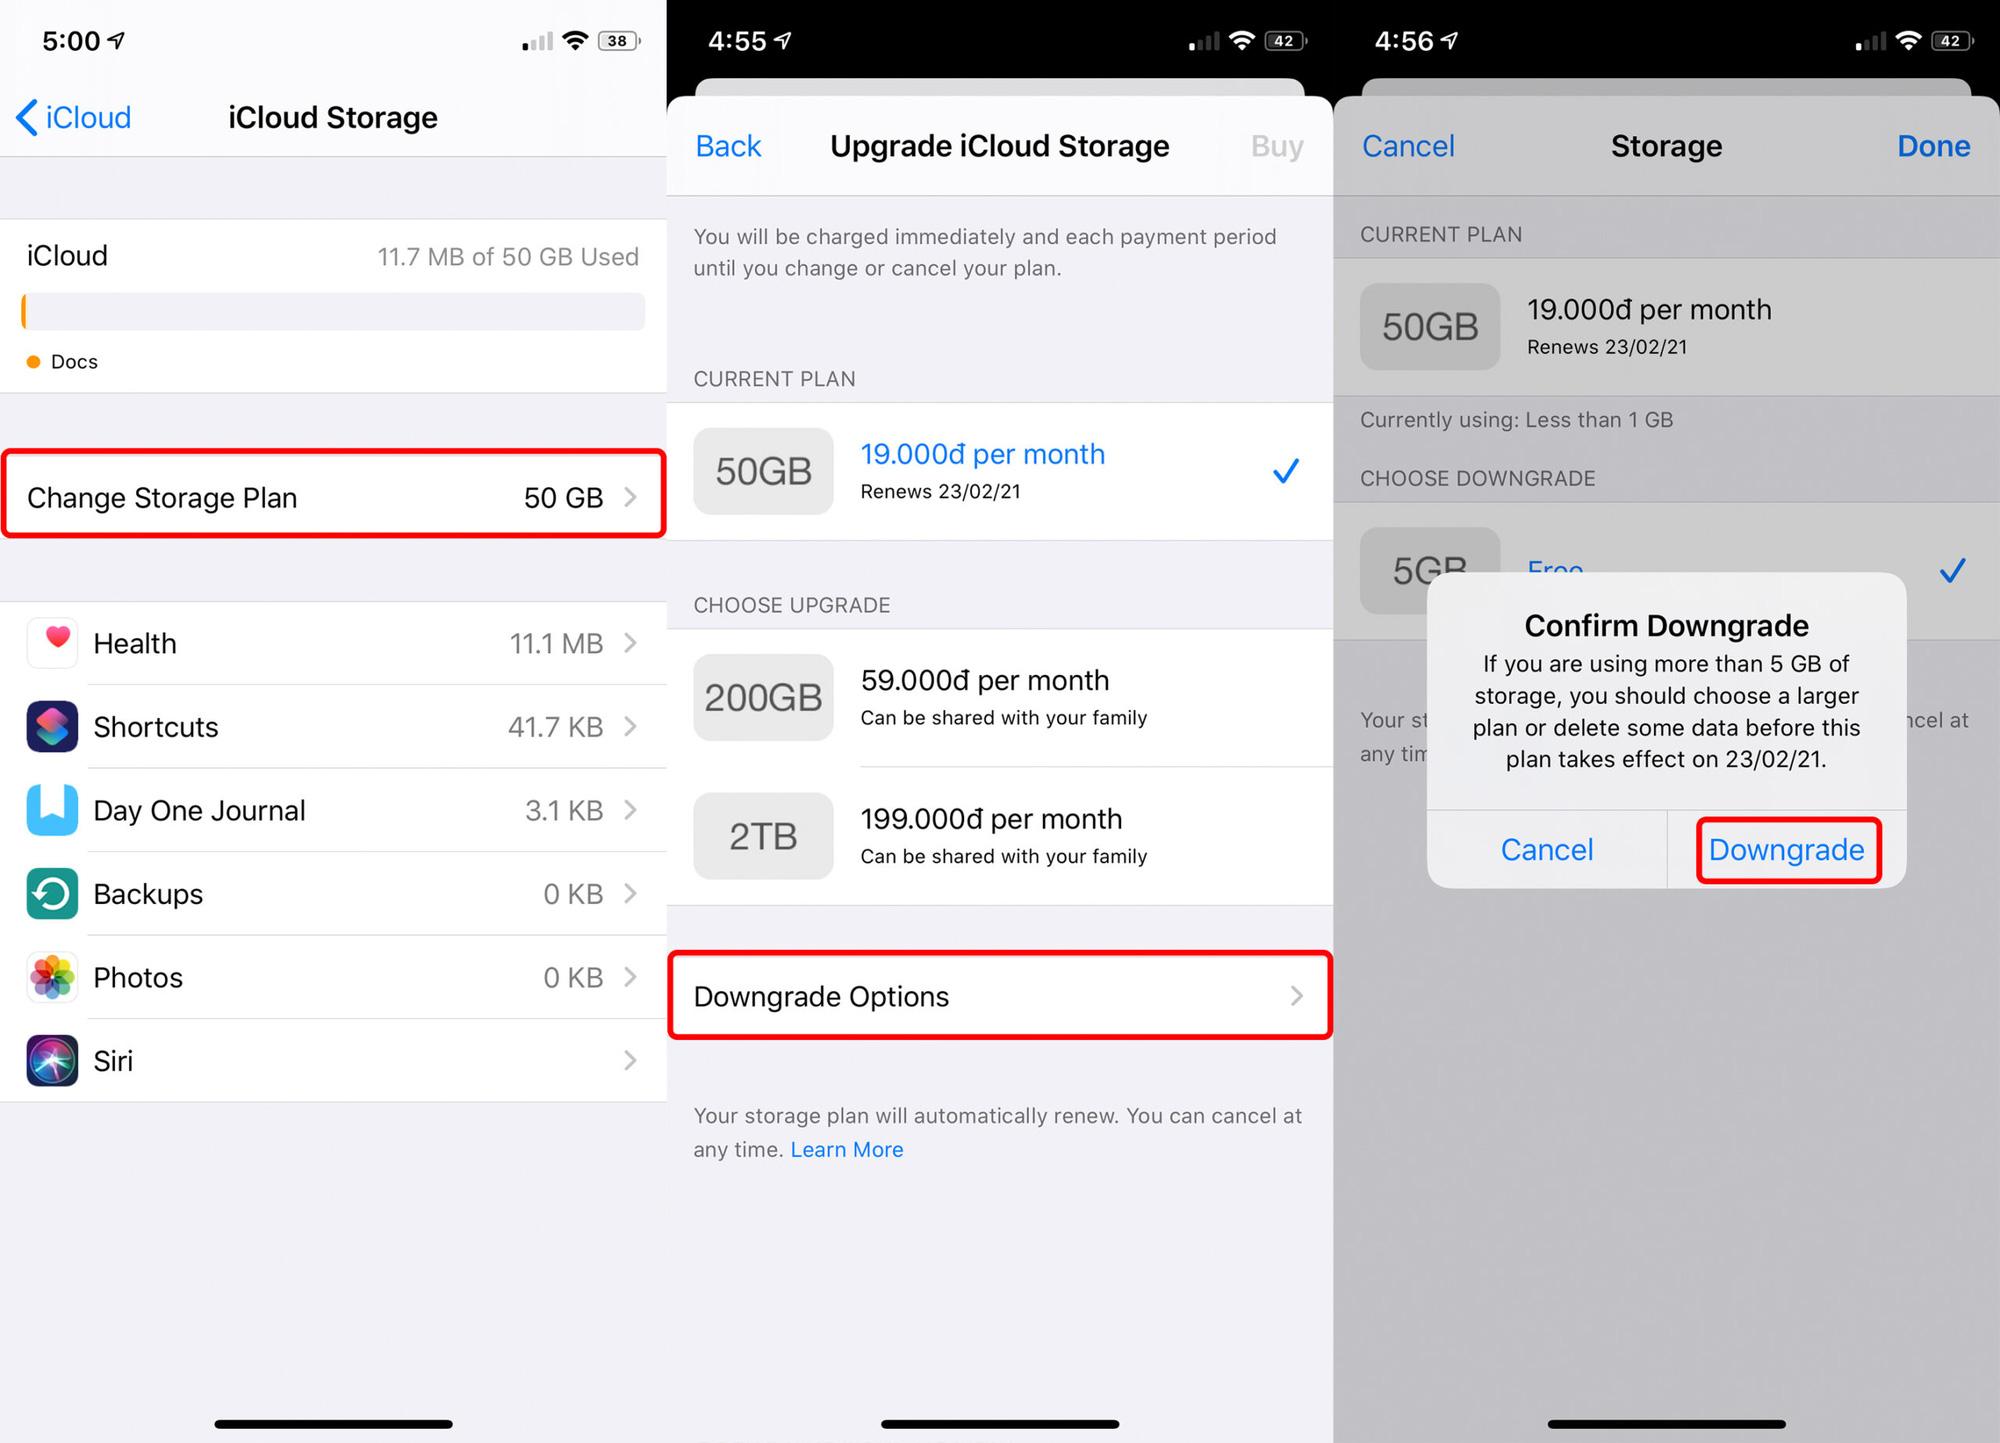 Hướng dẫn cách nhận 50GB dung lượng iCloud miễn phí - Ảnh 5.